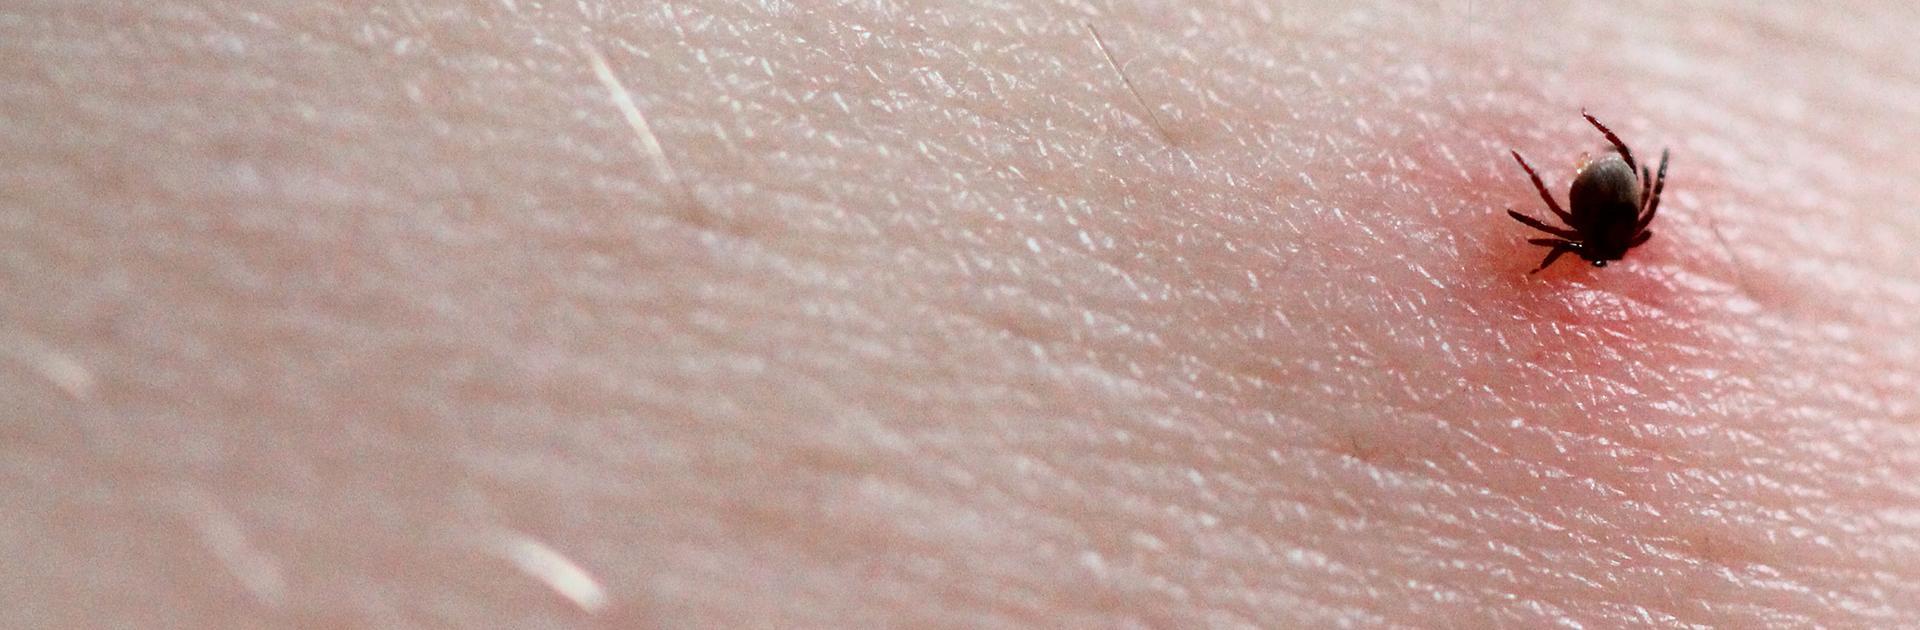 tick embedded in skin